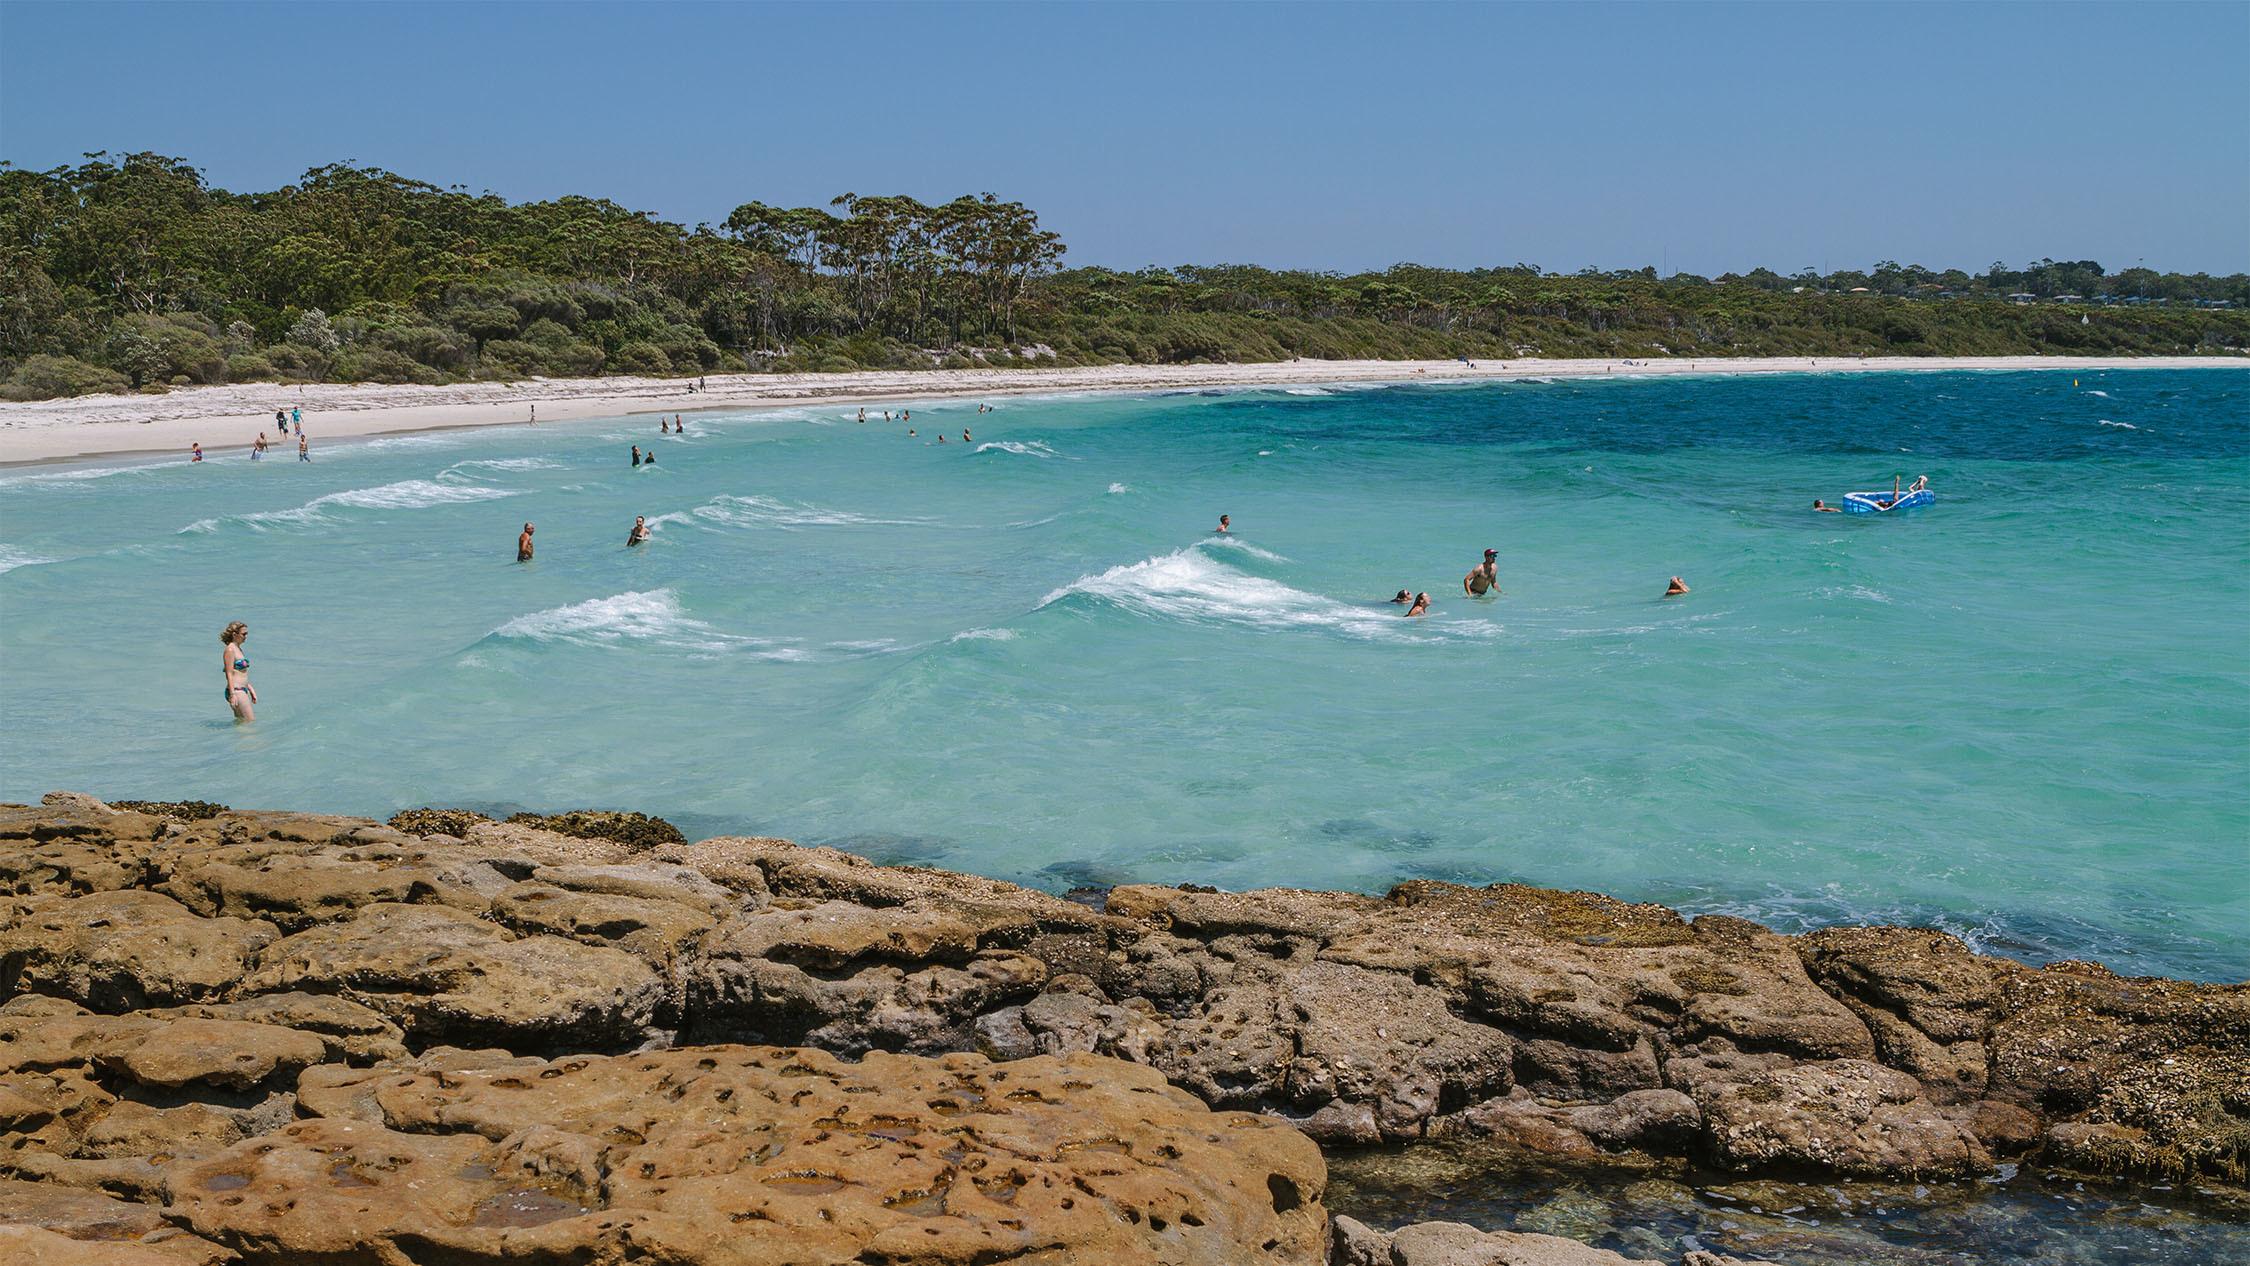 Stay seaside in Jervis Bay